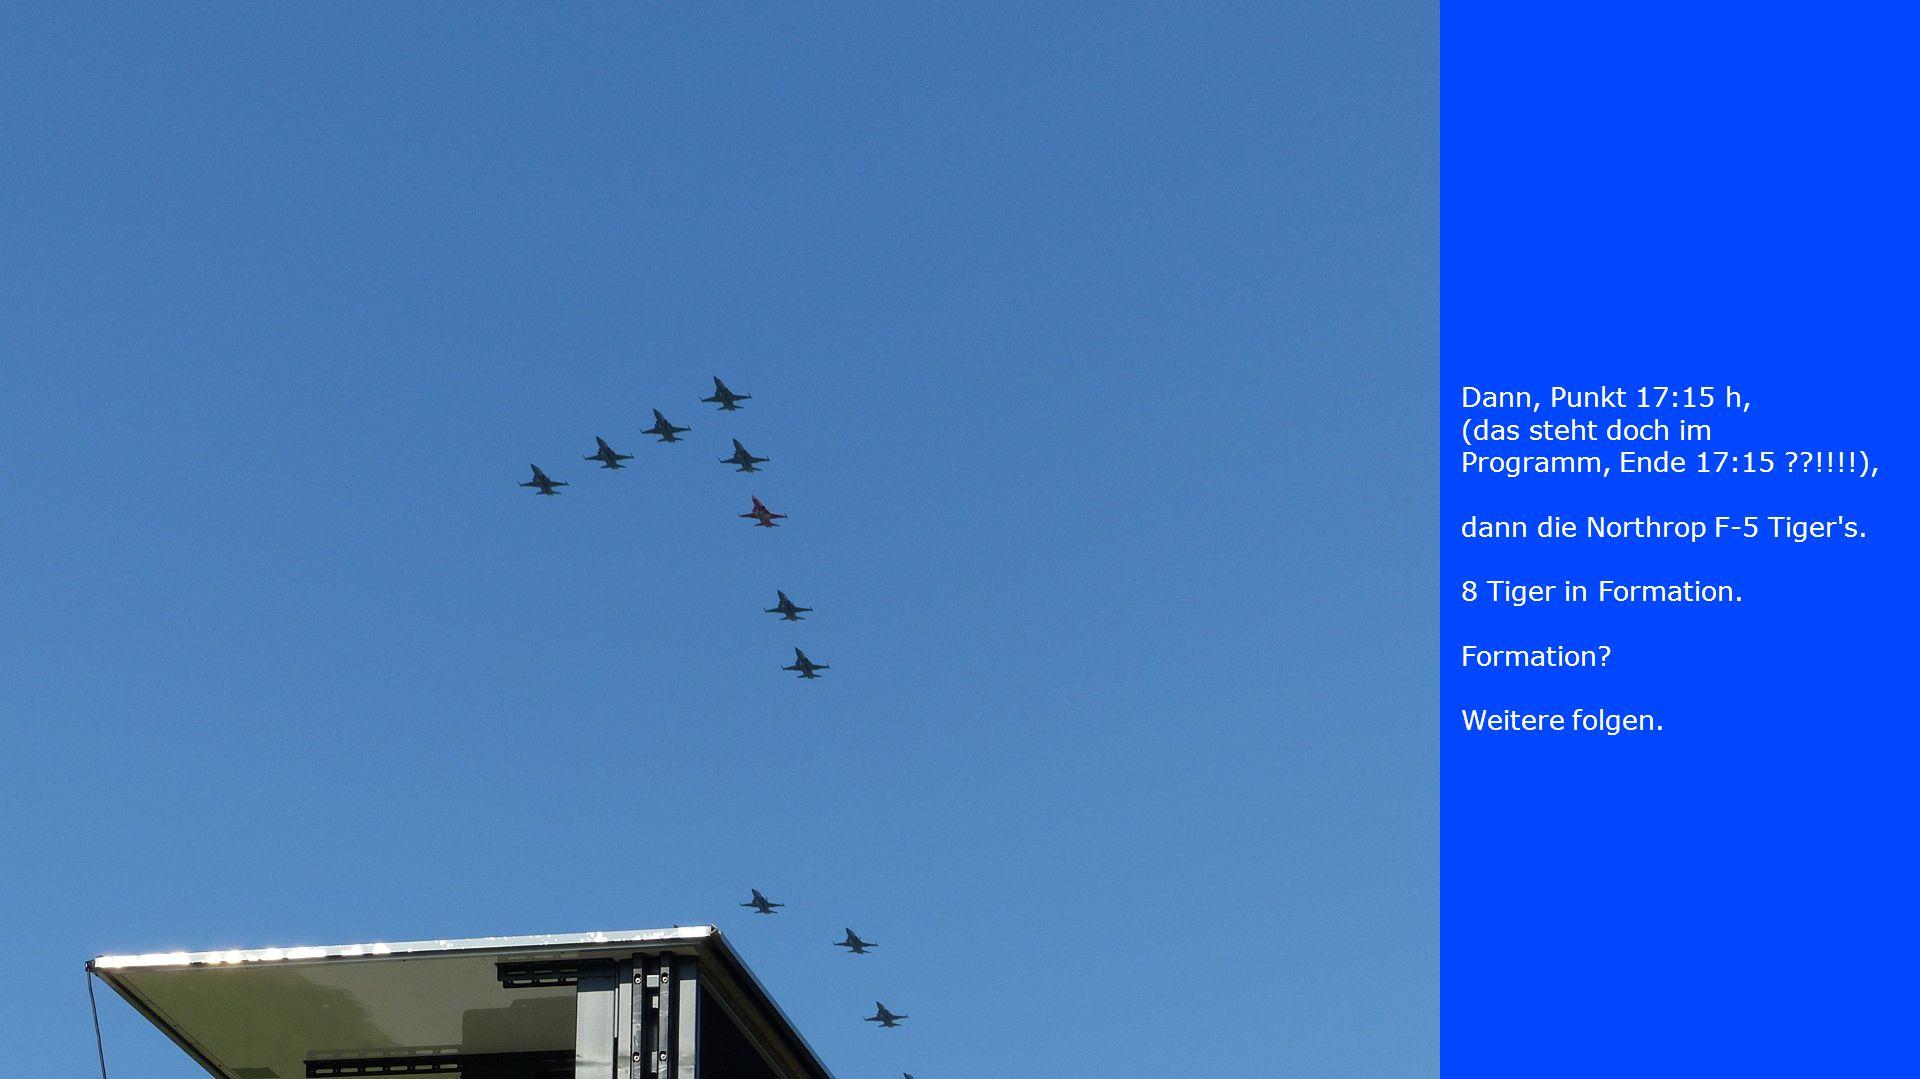 Dann, Punkt 17:15 h, (das steht doch im Programm, Ende 17:15 !!!!), dann die Northrop F-5 Tiger s.